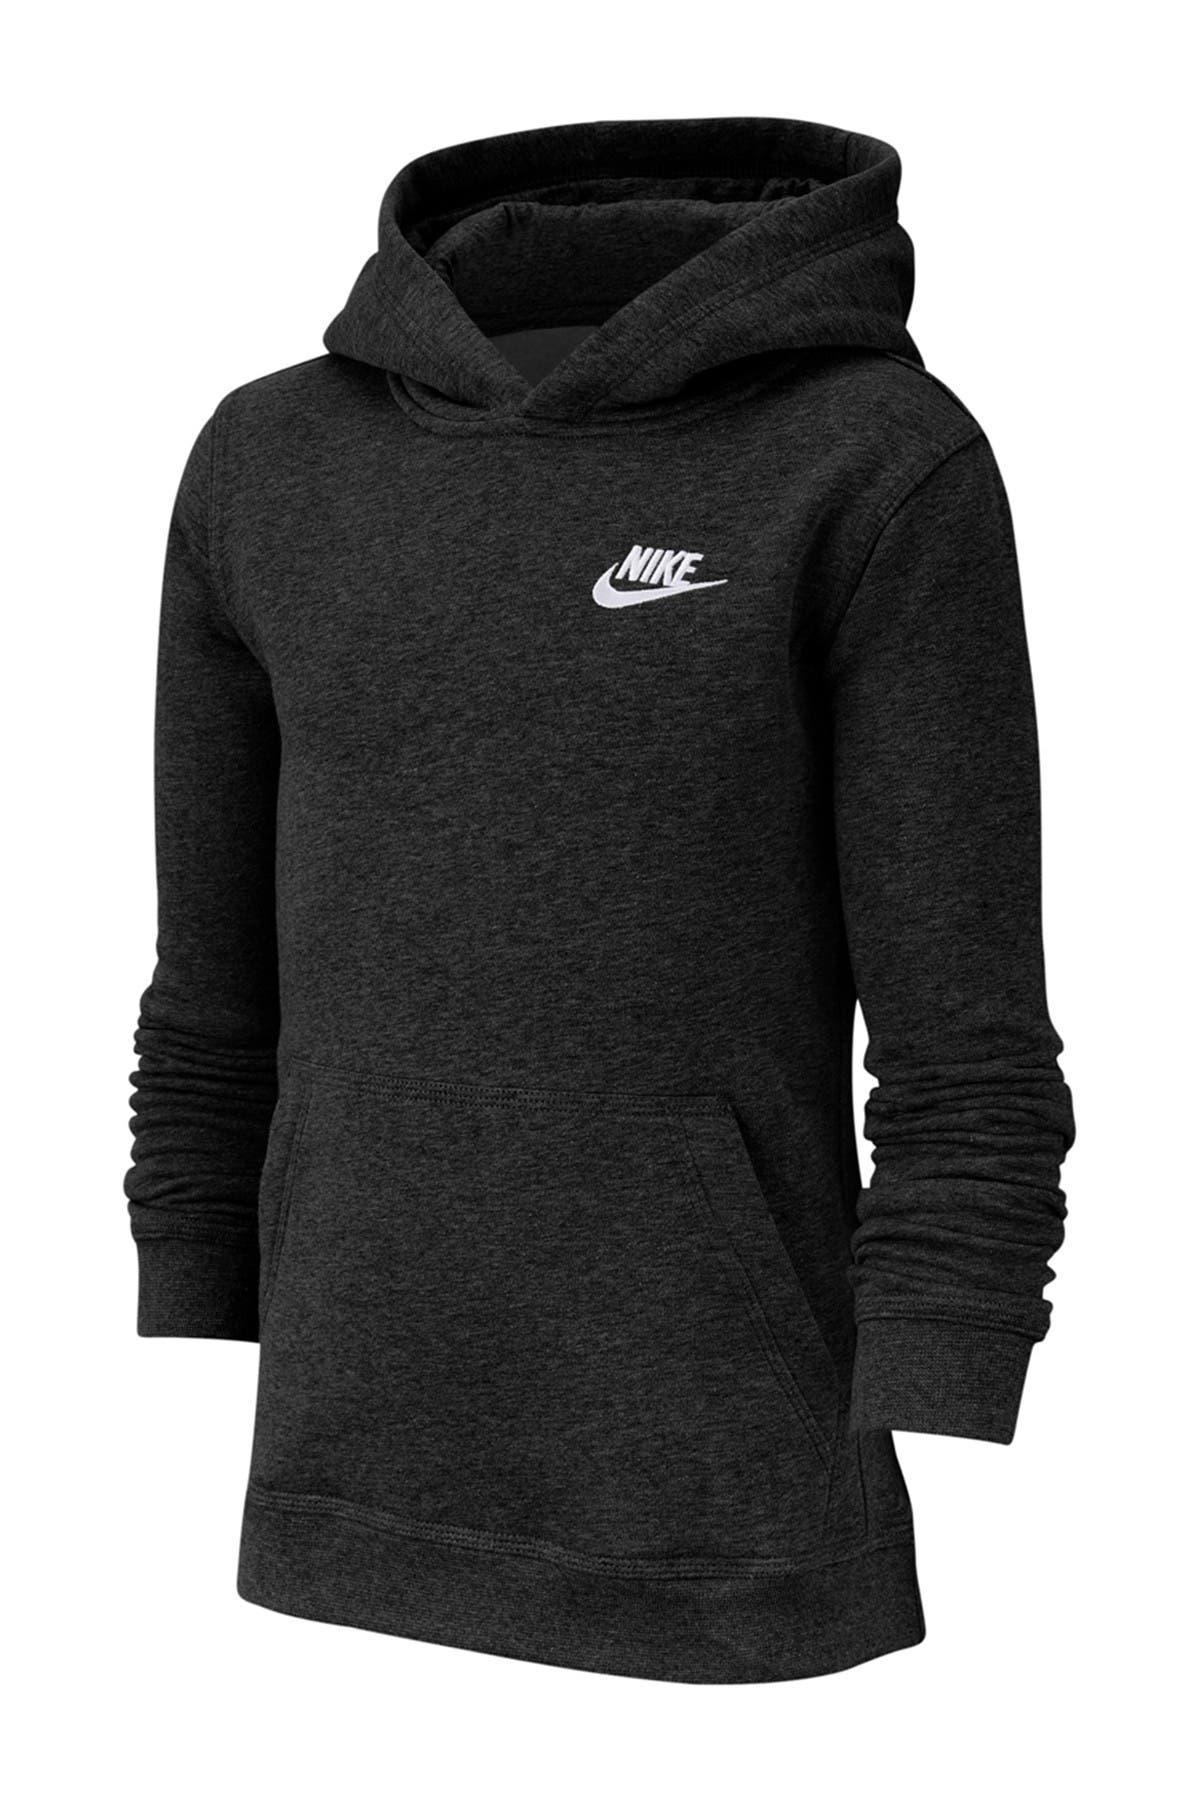 Image of Nike Sportswear Club Pullover Hoodie